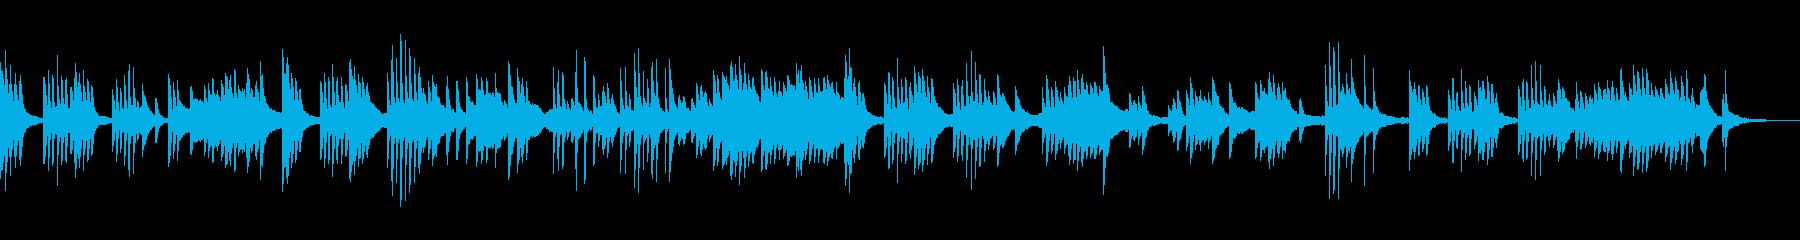 夏の夕暮れ 切ない ピアノソロの再生済みの波形